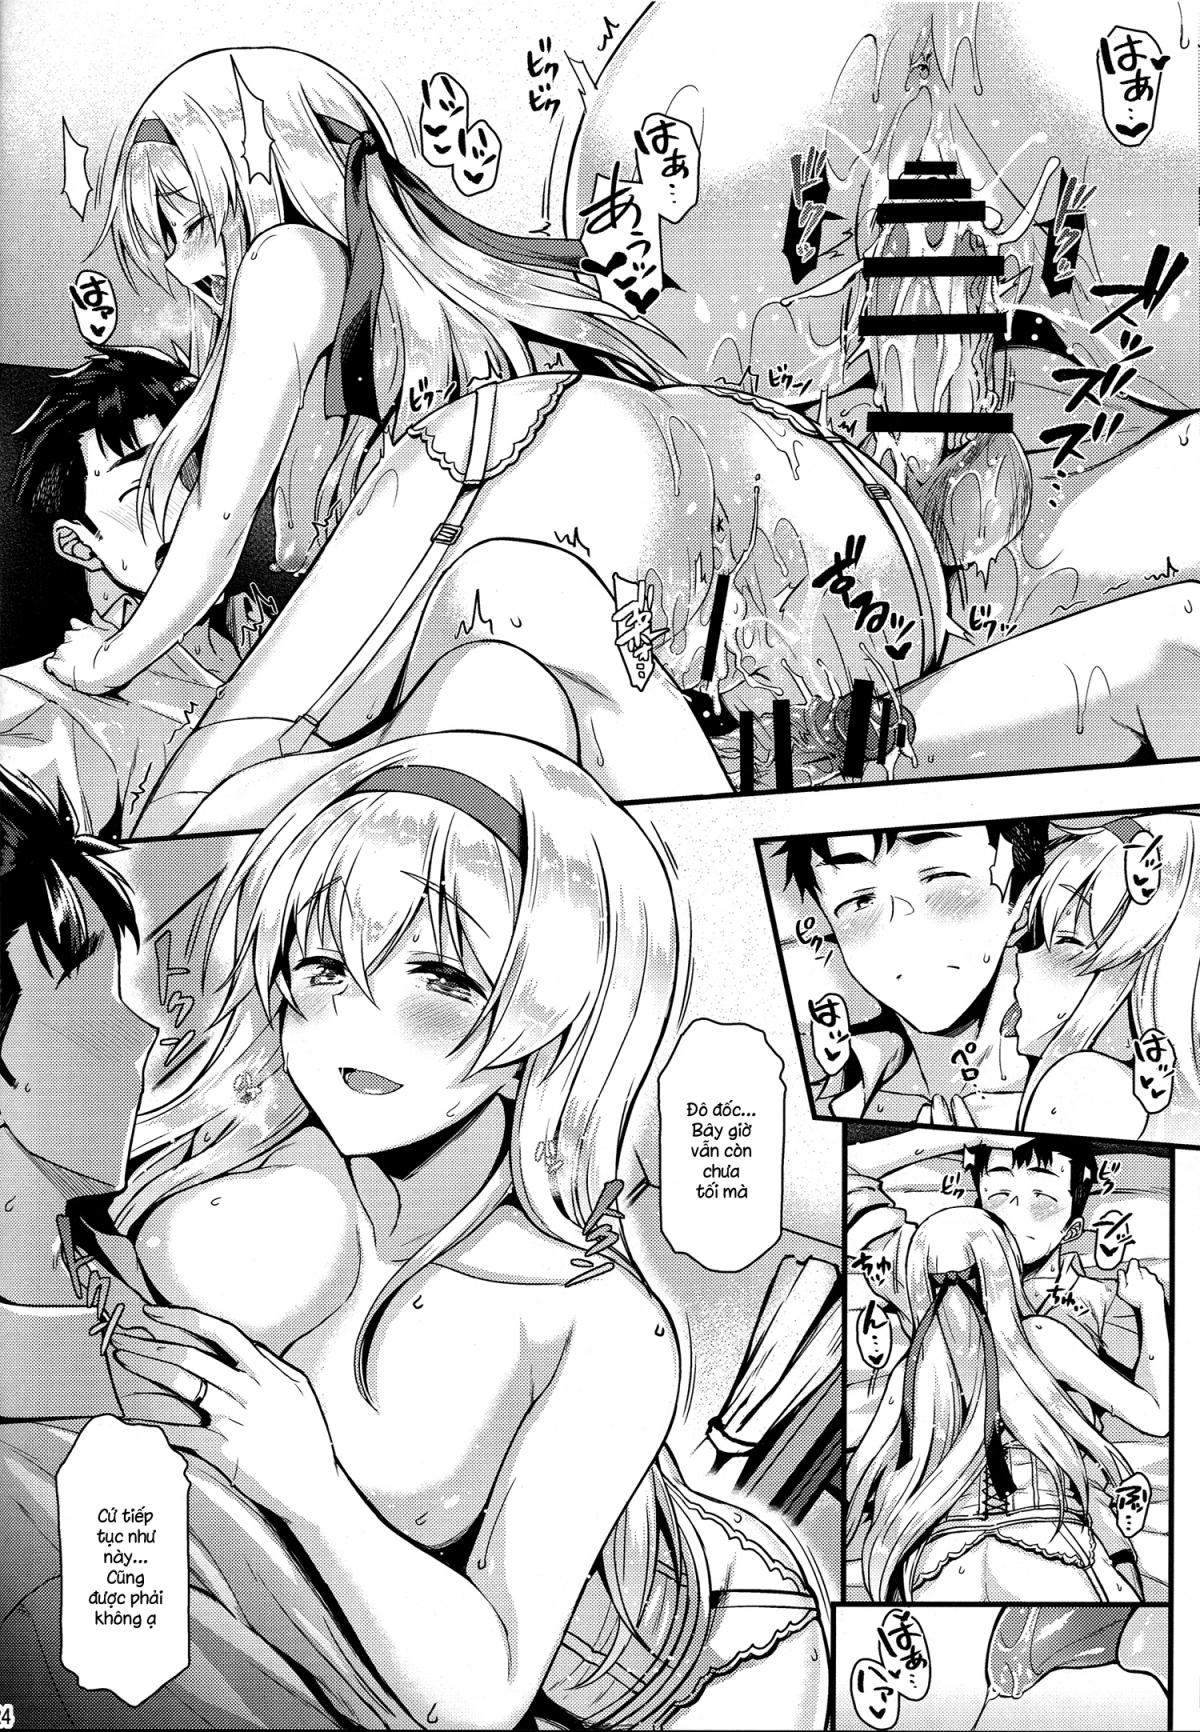 HentaiVN.net - Ảnh 23 - Shoukaku To Motto Motto Ichaicha Shitai!! (Kantai Collection) - Oneshot